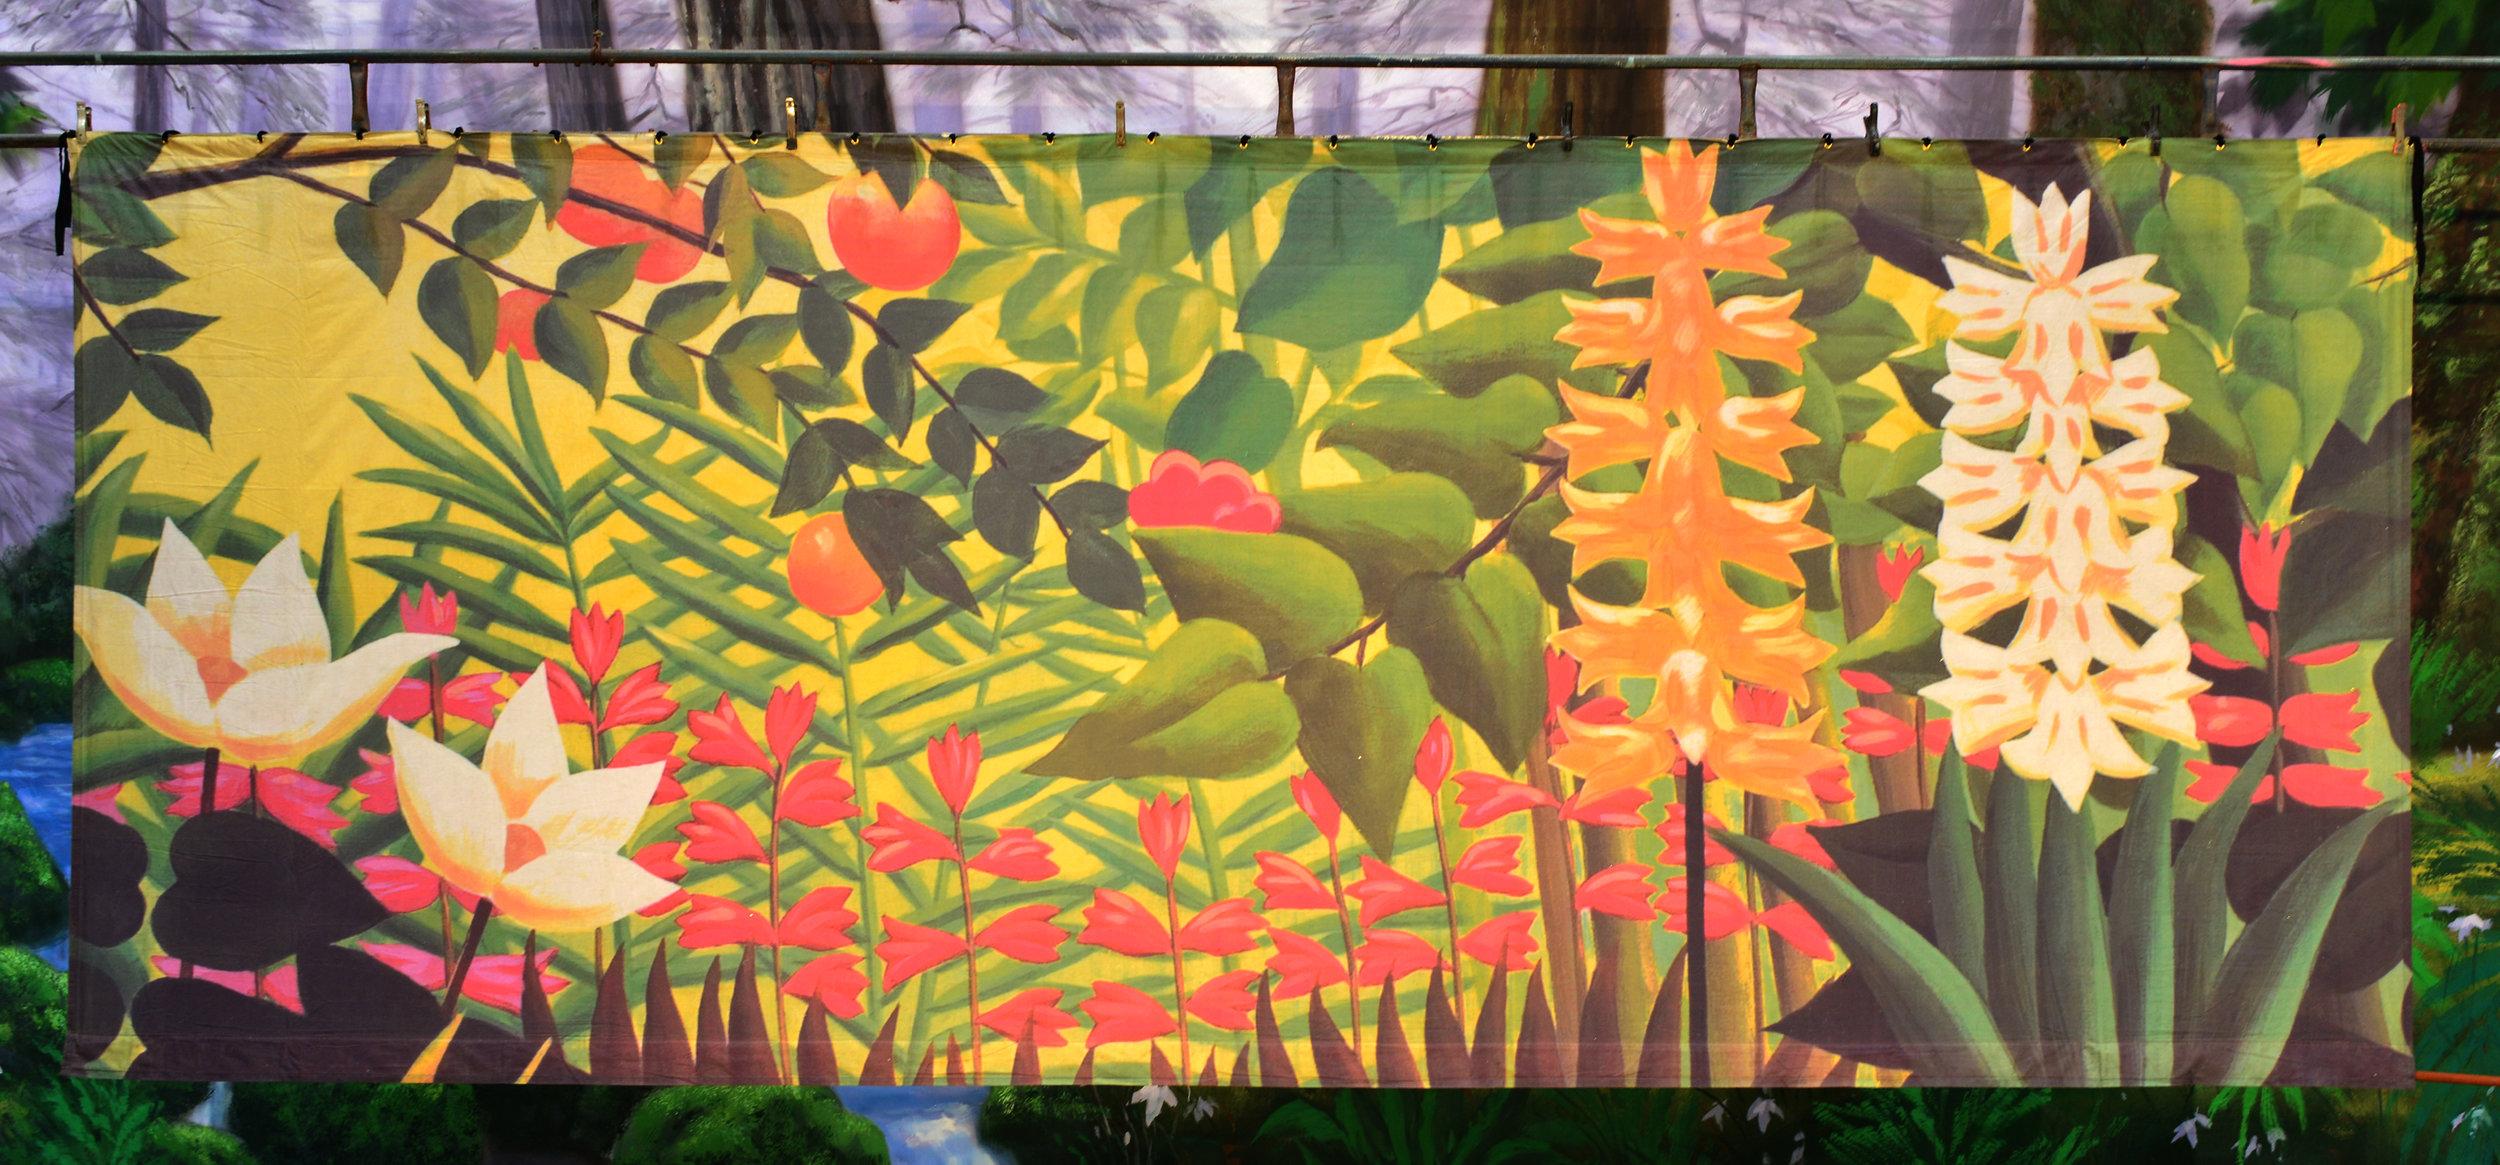 Garden print backdrop